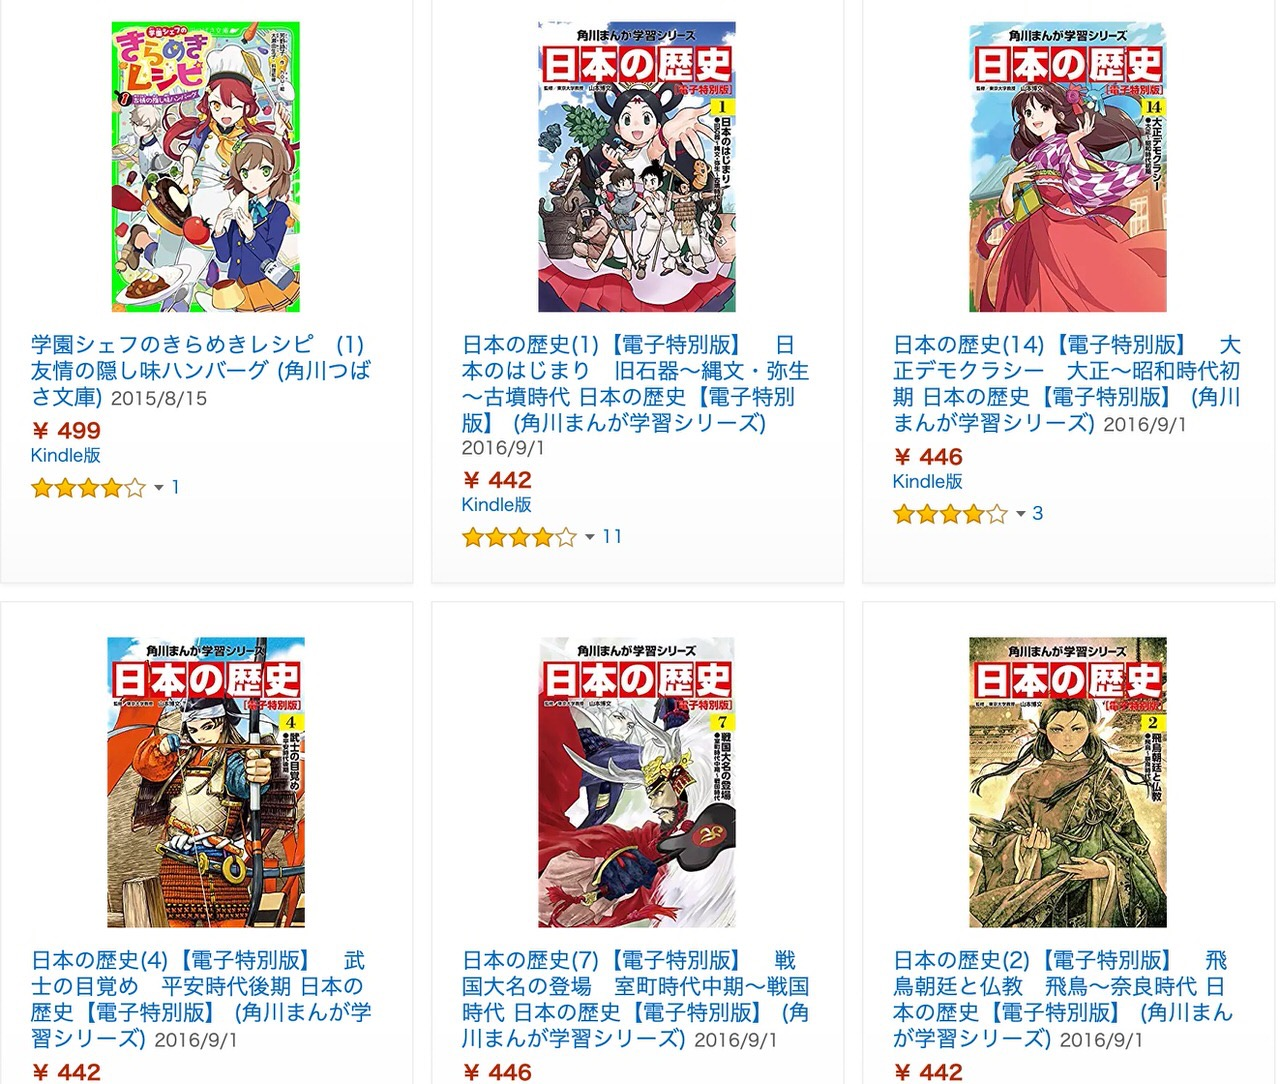 【Kindleセール】500冊以上が対象「祝!進学進級 春のピカ☆ピカ児童書フェア」(4/11まで)